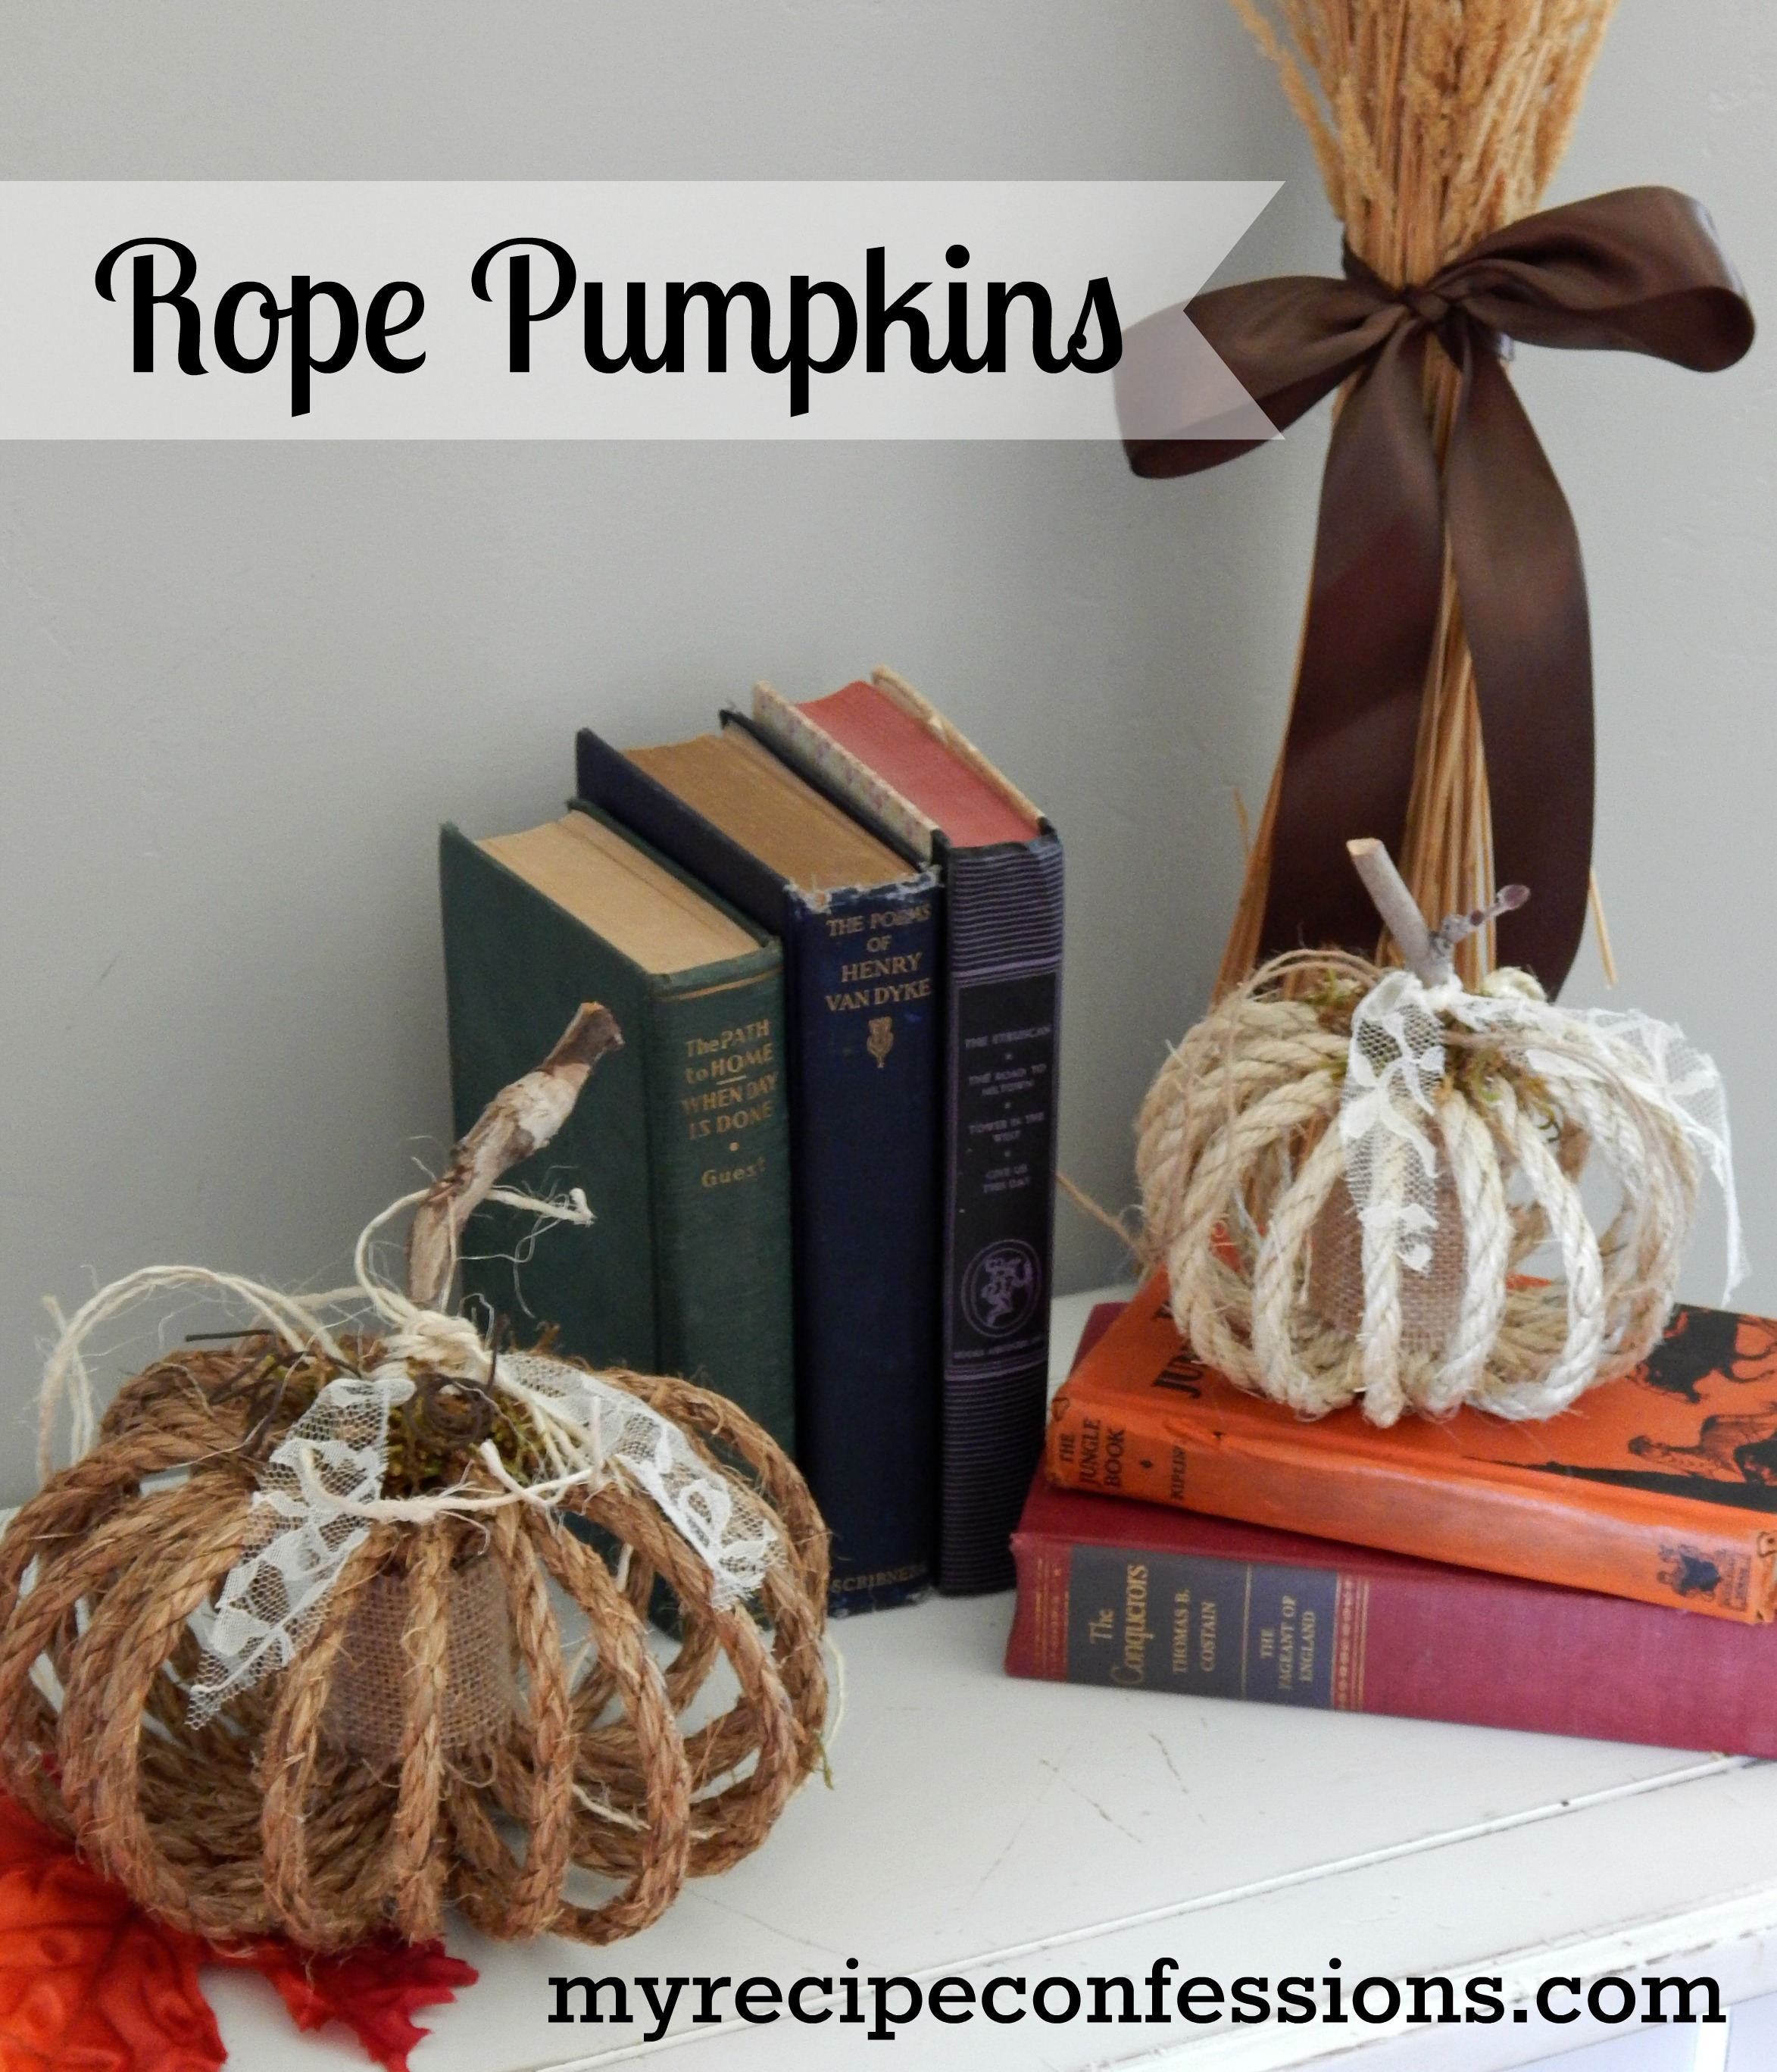 Rope Pumpkins